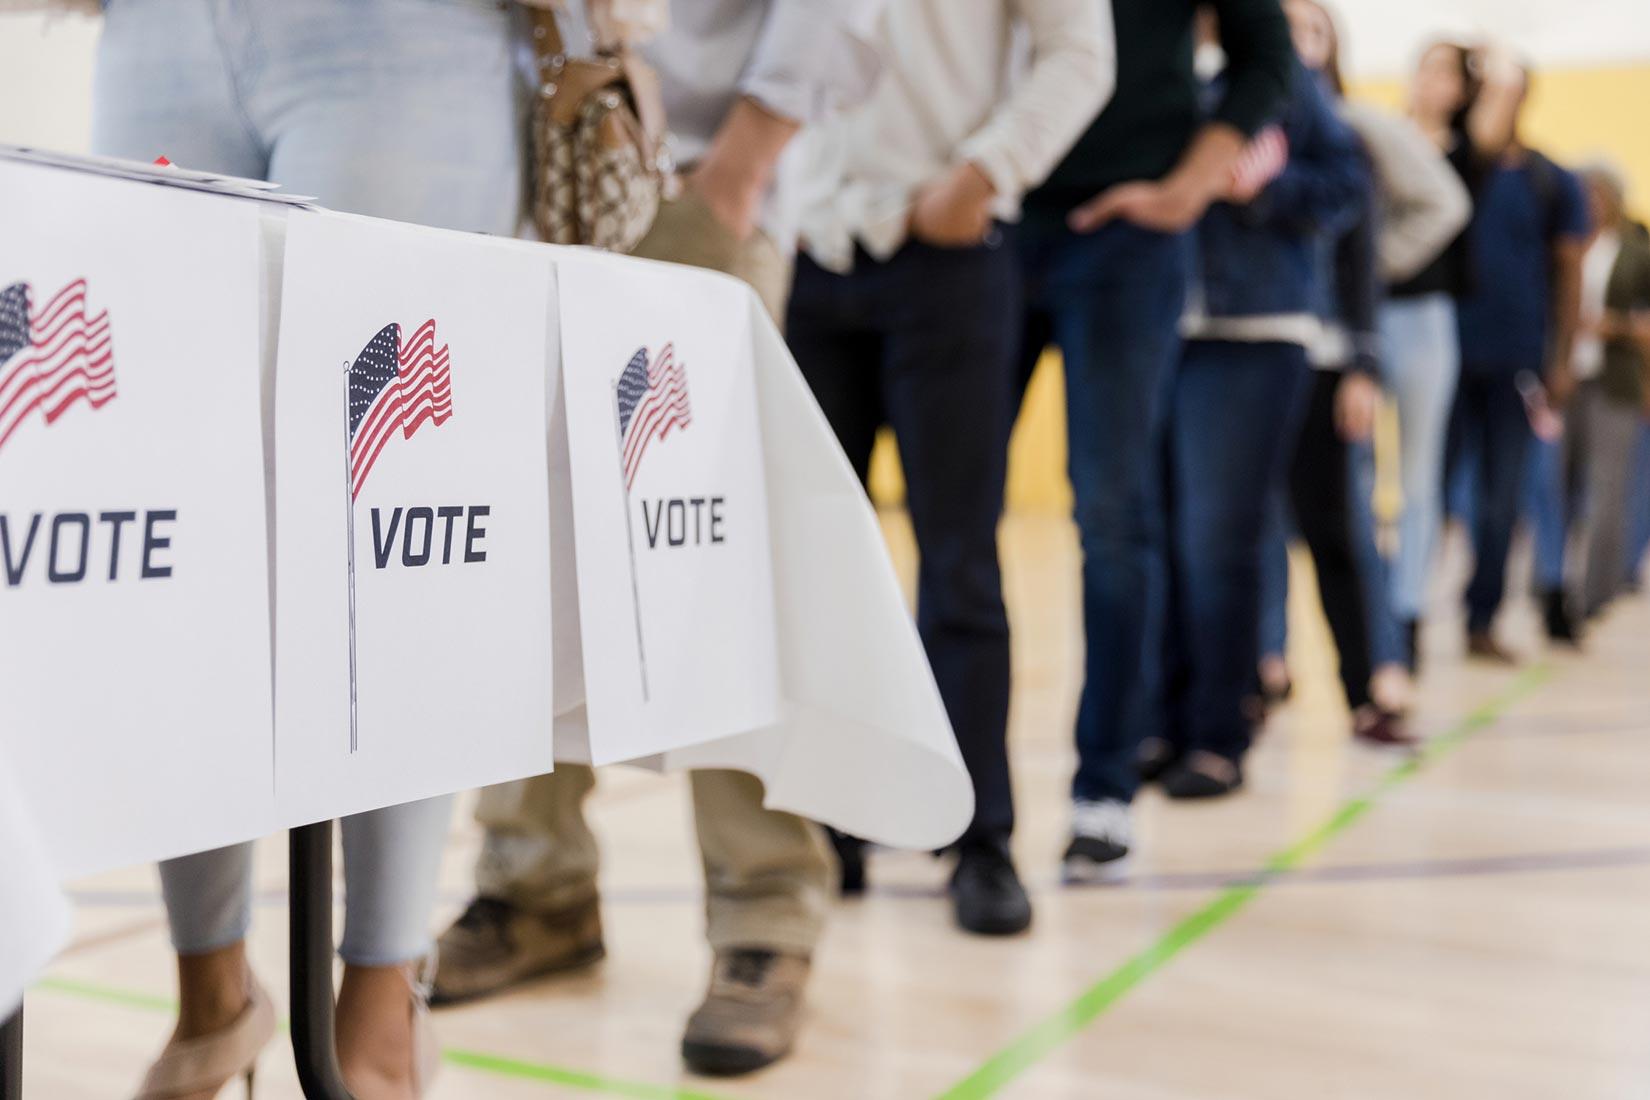 ロシアによる政治介入型のサイバー活動<br>~2016年アメリカ大統領選挙介入の手法と意図~